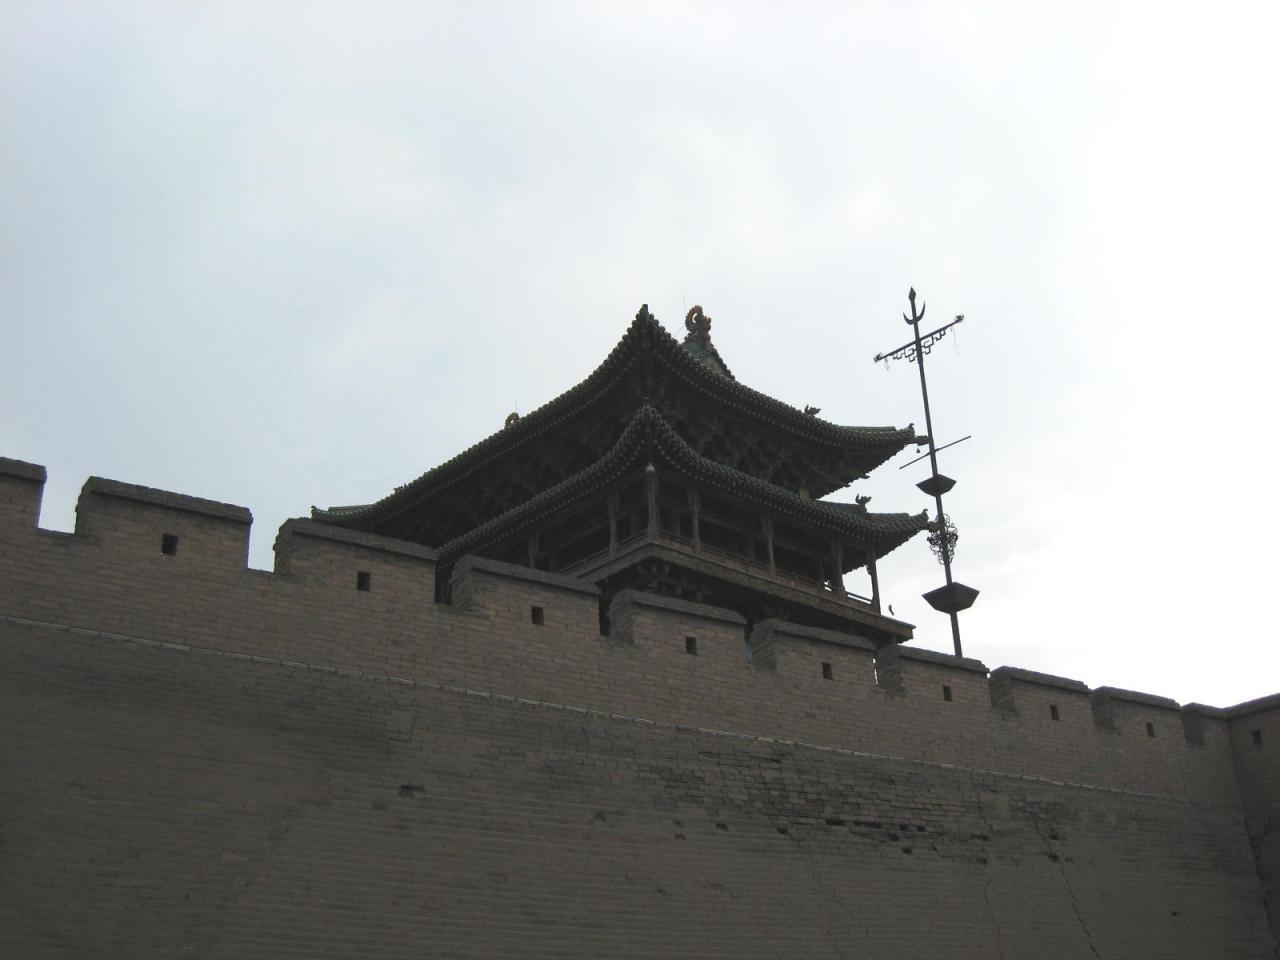 平遥古城の画像 p1_26